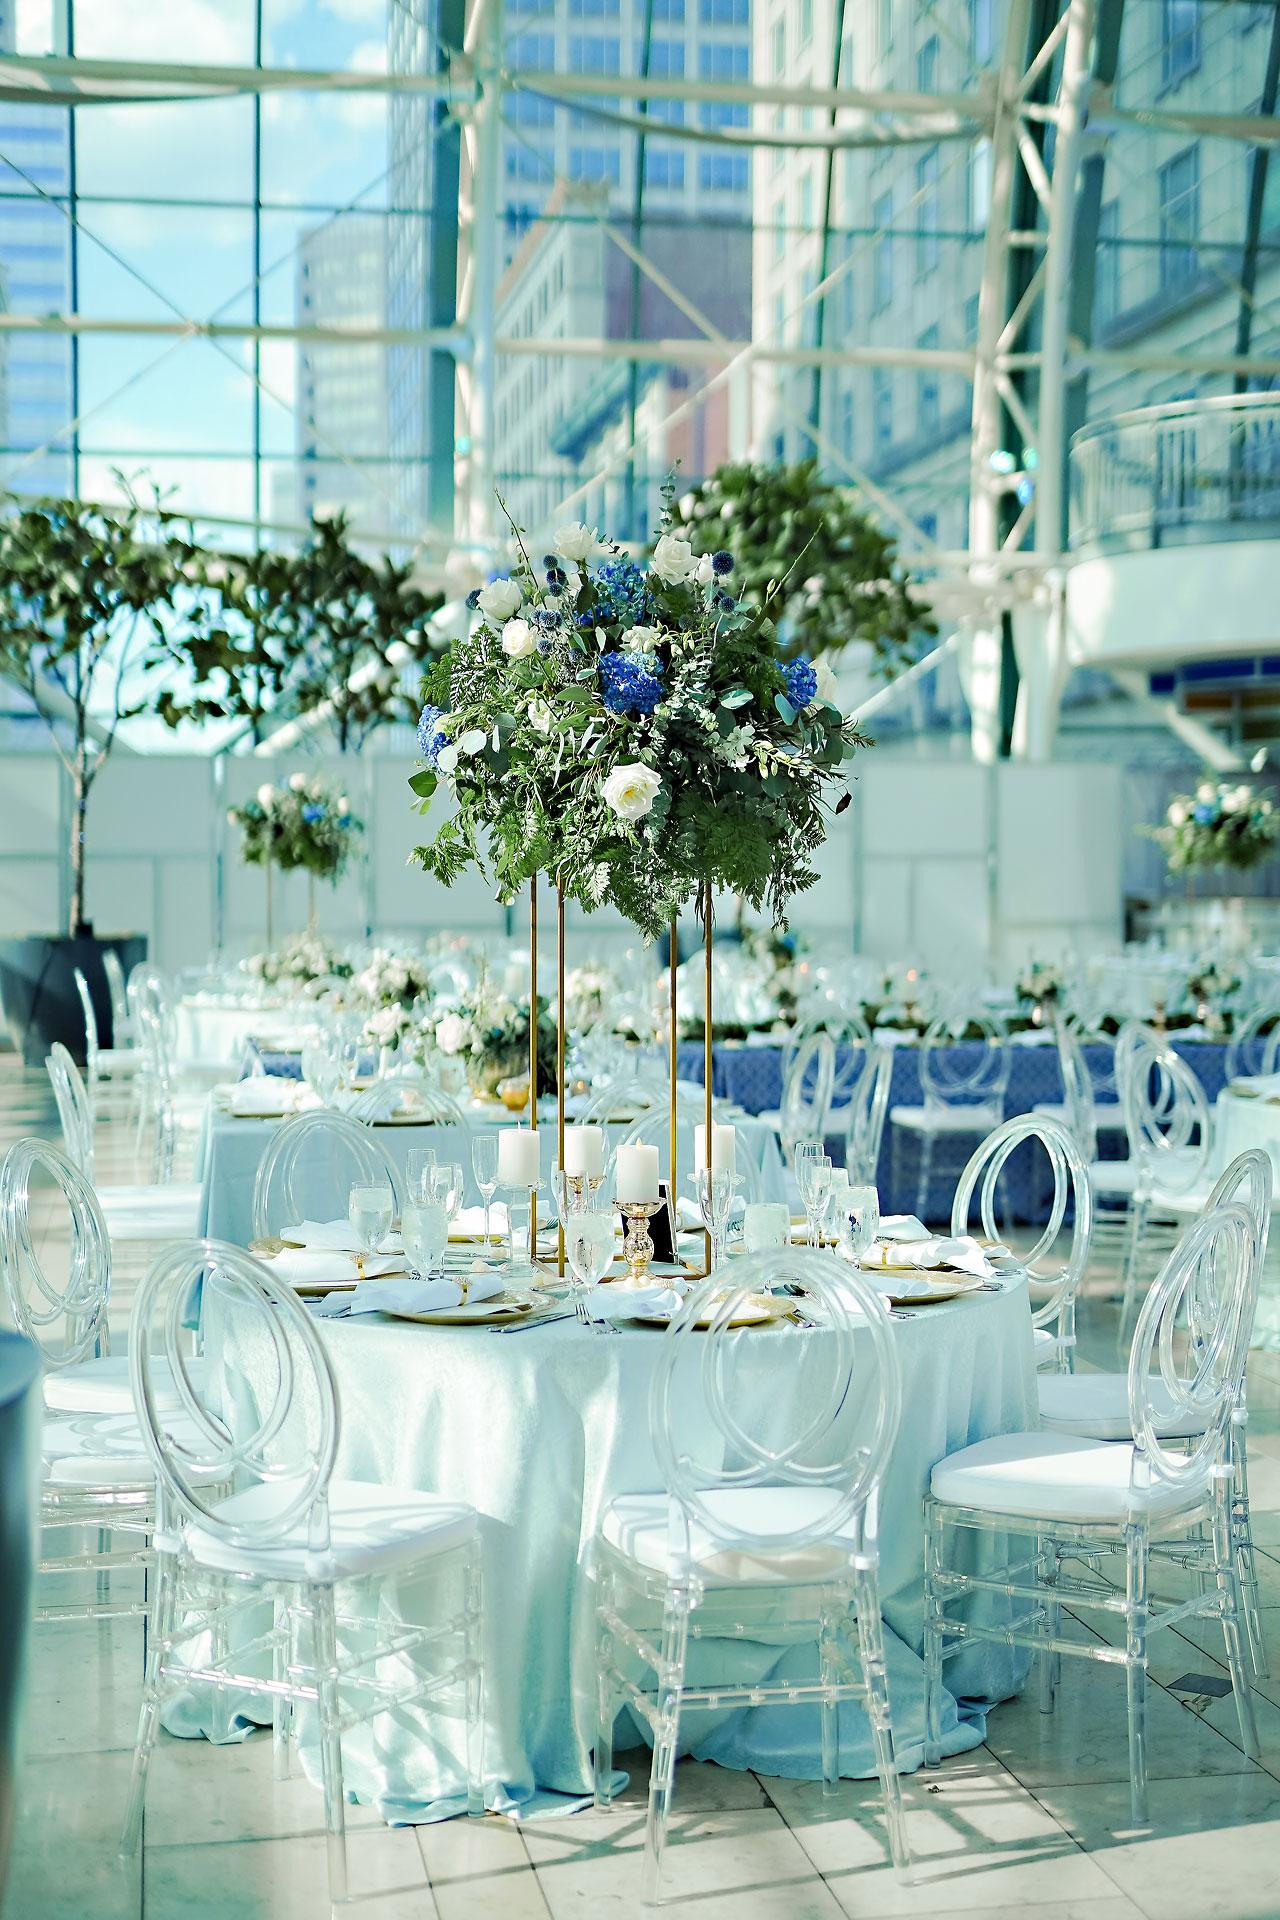 Liz Zach Conrad Artsgarden Indianapolis Wedding 211